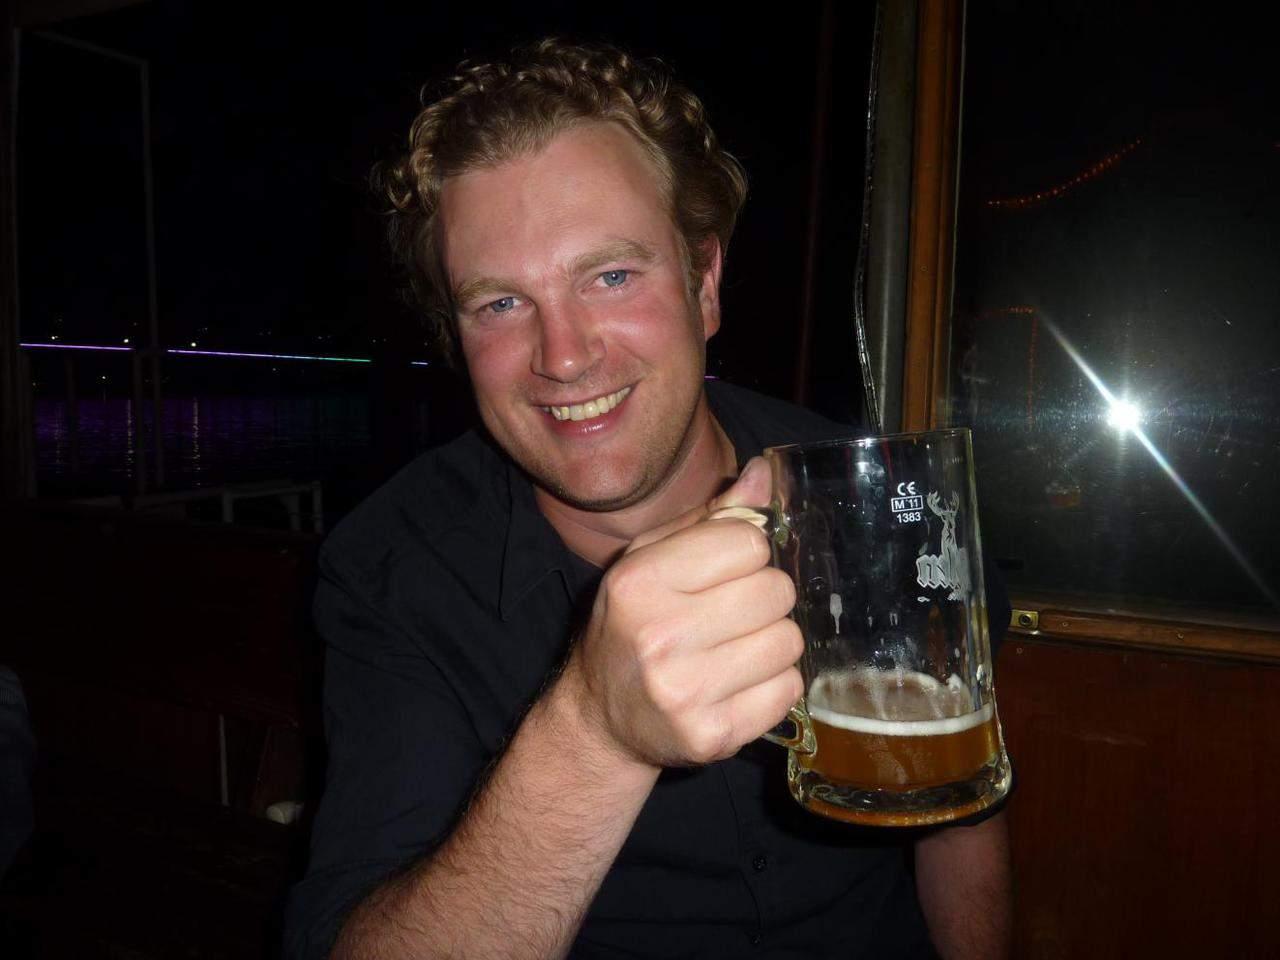 Der Party-Holländer Ralph van der Zijden